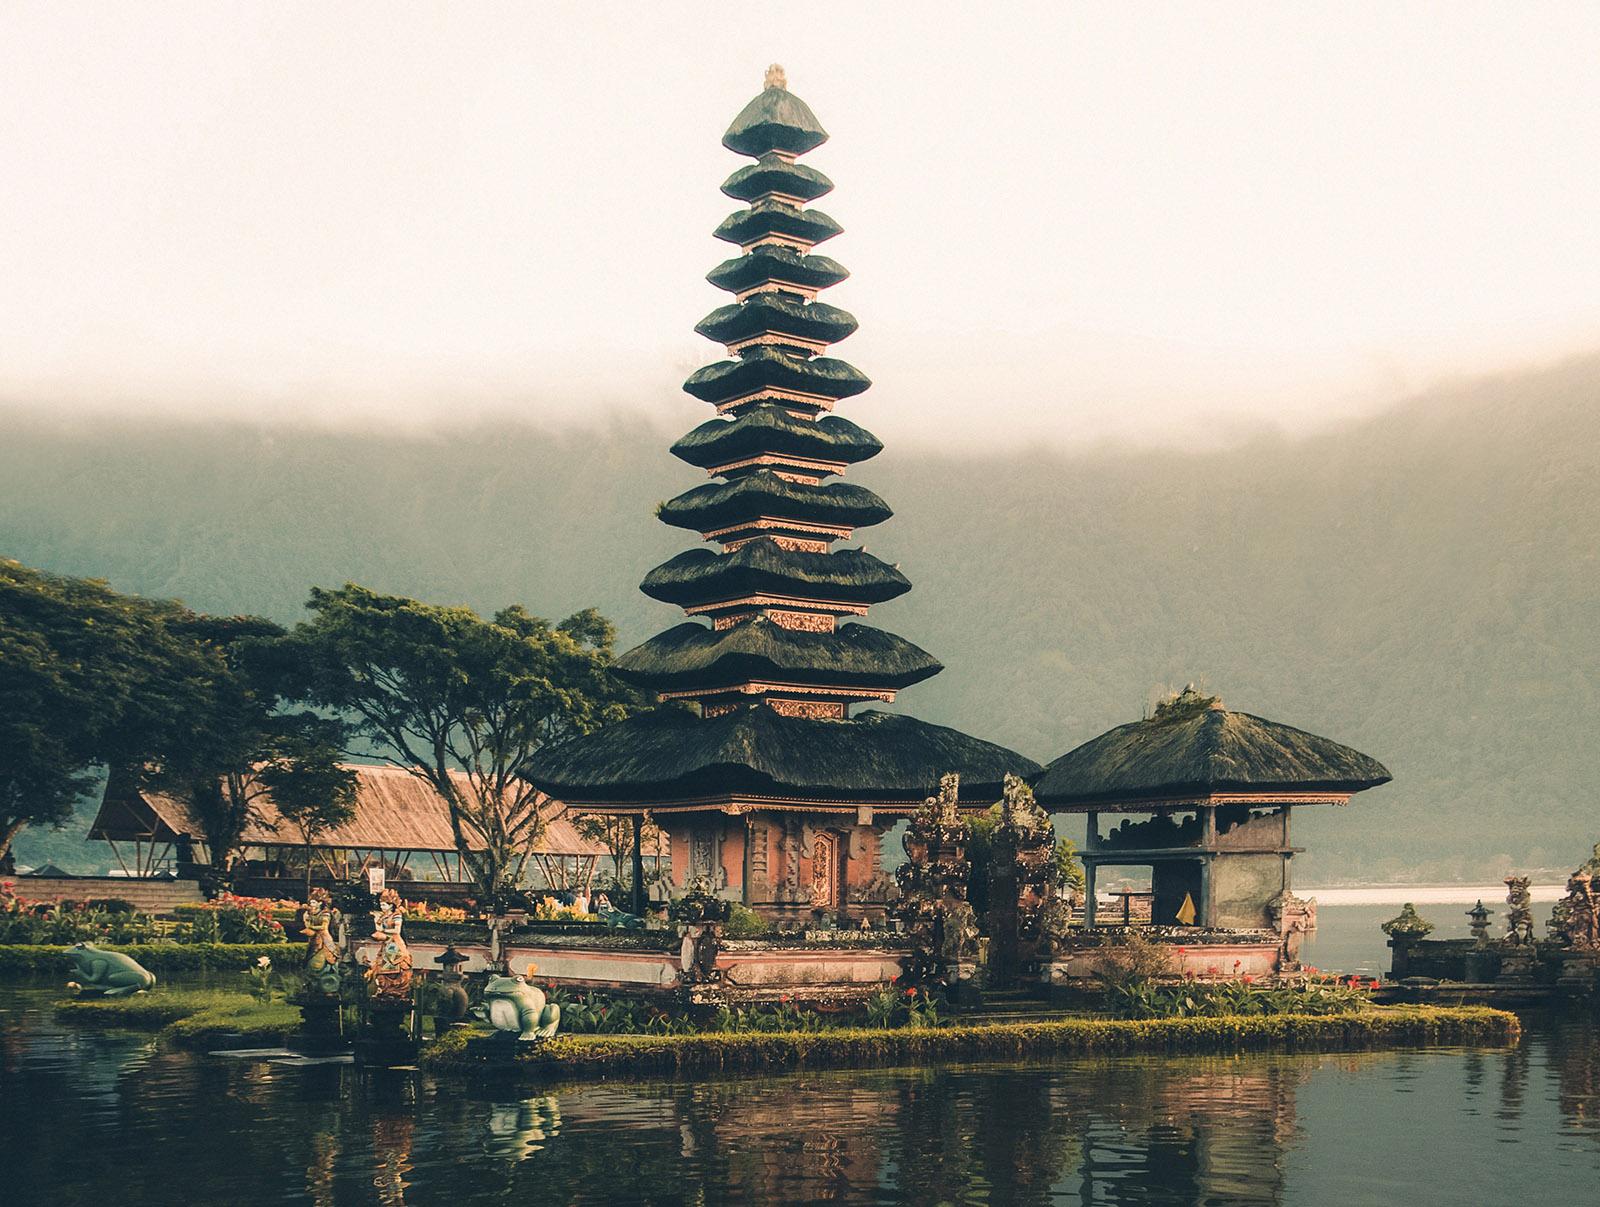 Jasa Transportasi, Sewa Motor, dan Wisata Bali